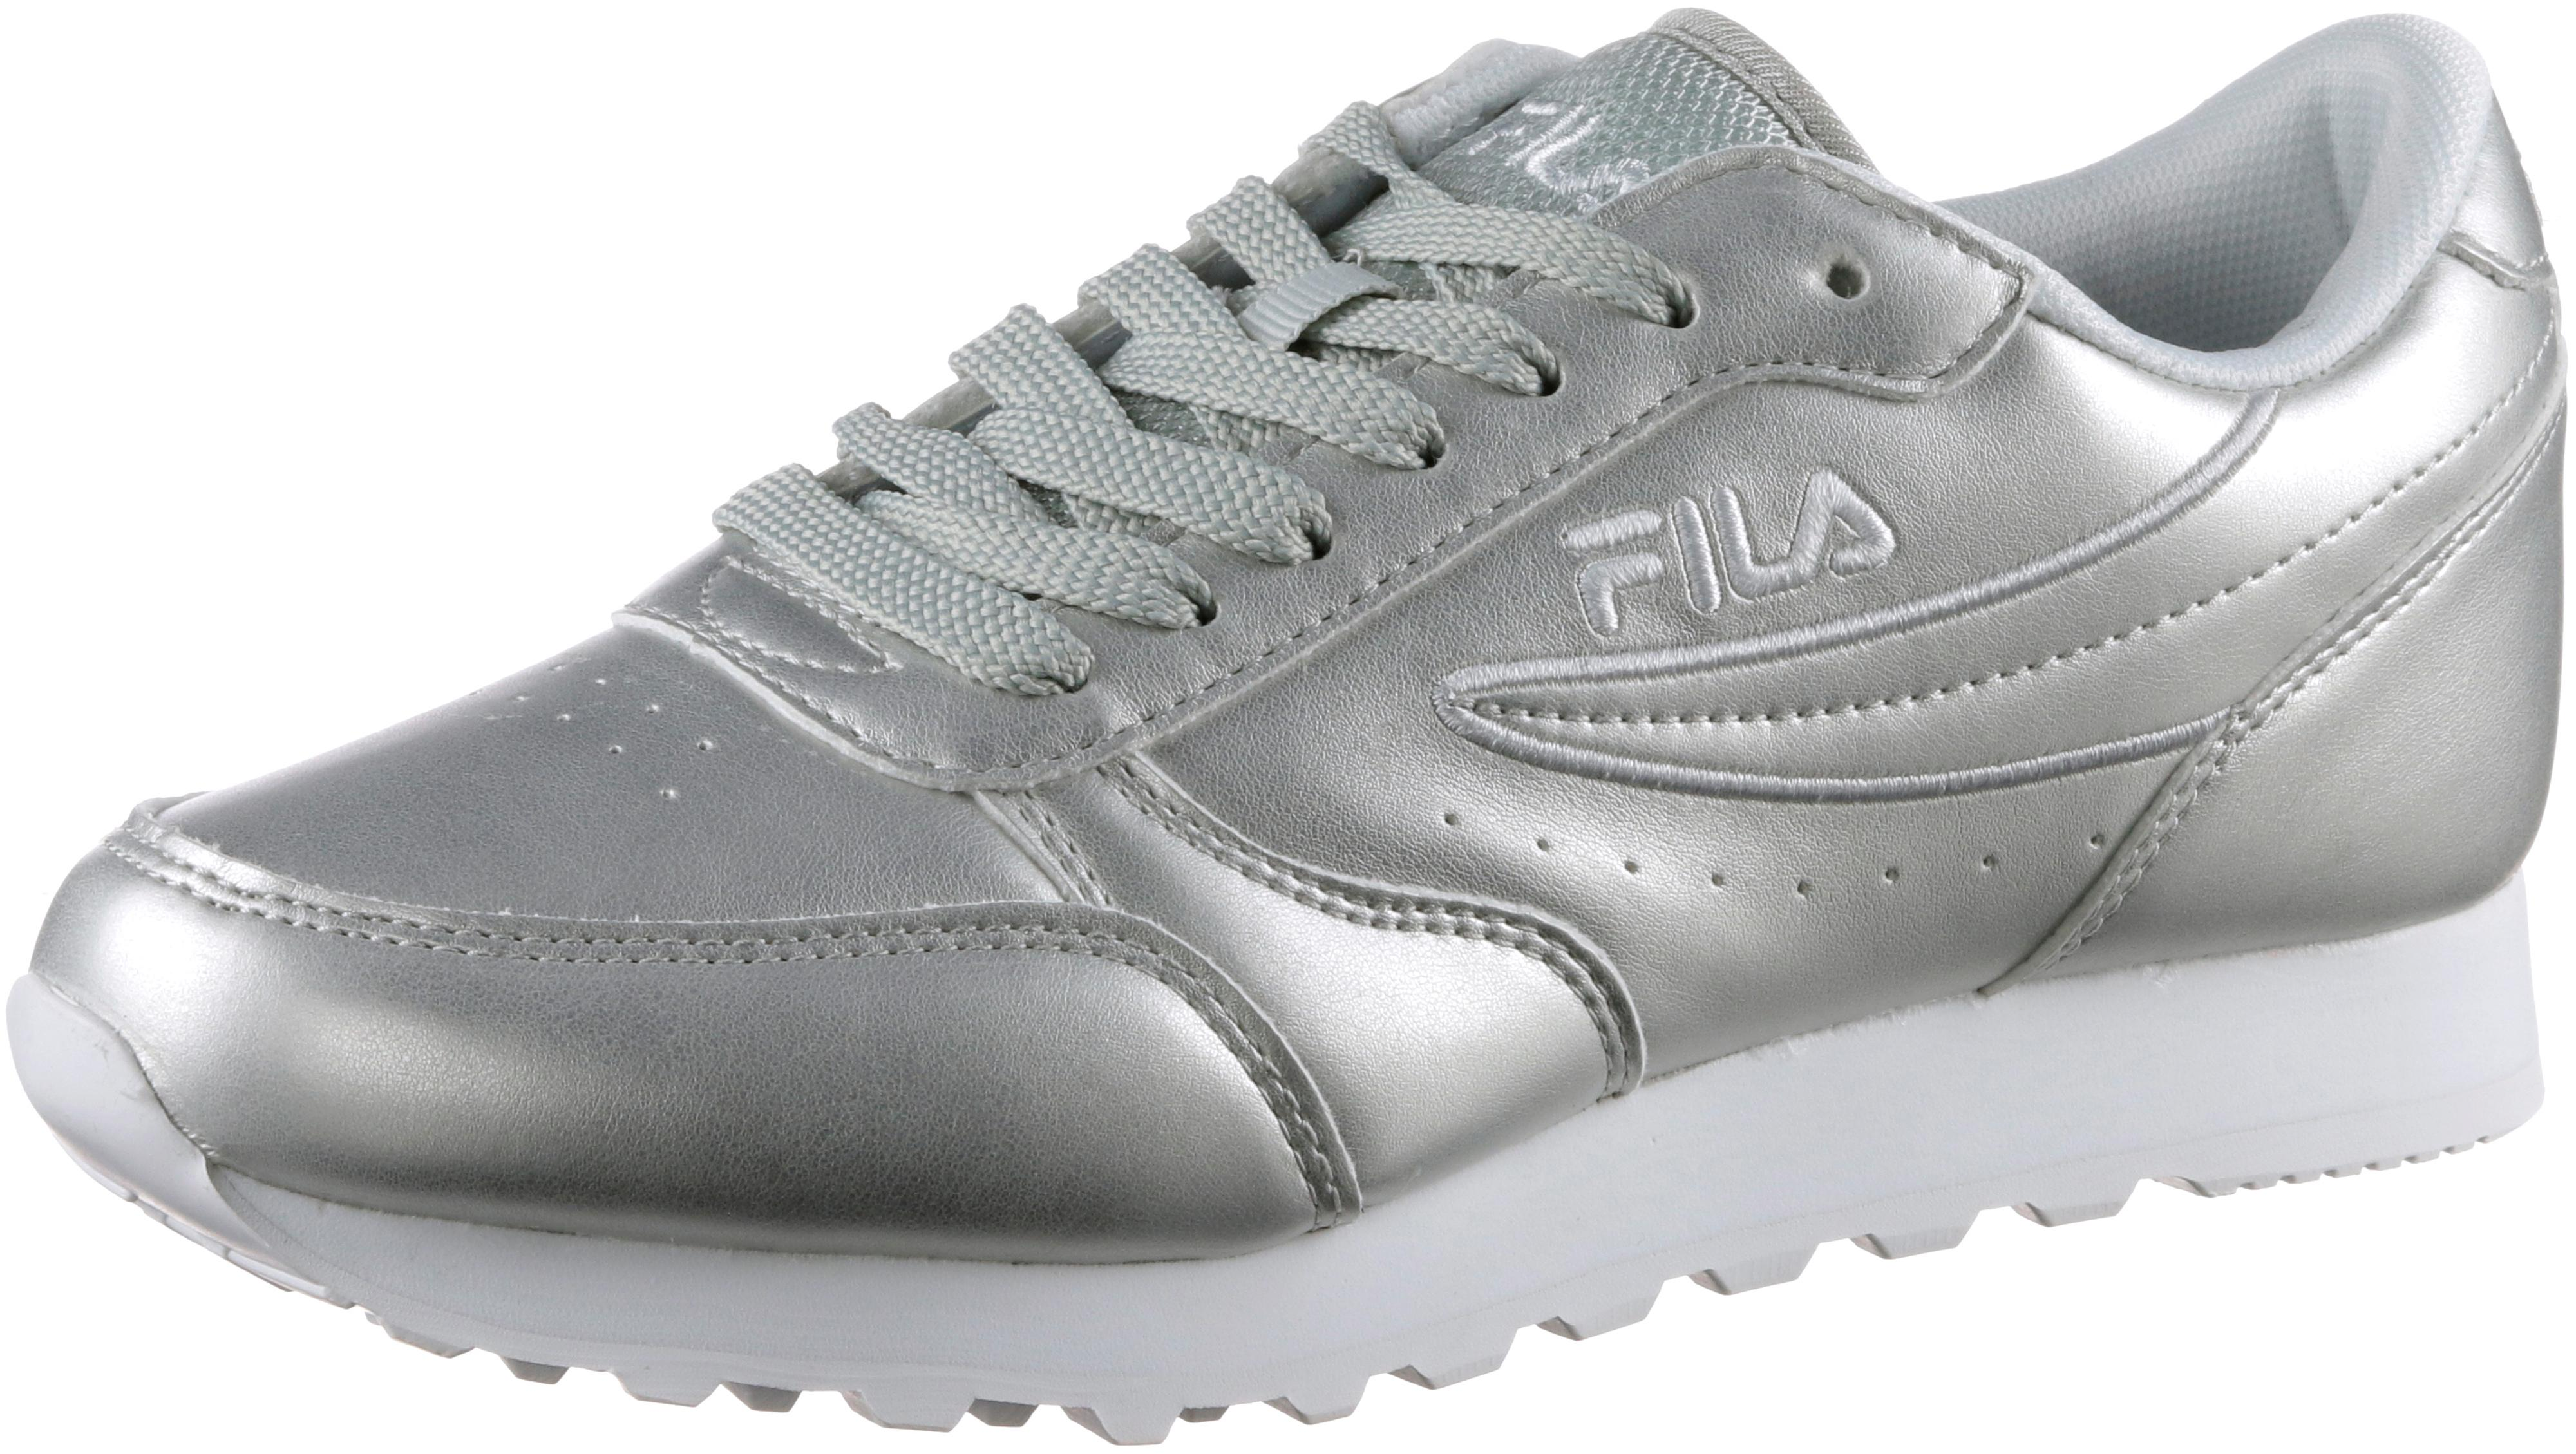 FILA ORBIT P P P Turnschuhe Damen Silber im Online Shop von SportScheck kaufen Gute Qualität beliebte Schuhe 948d61